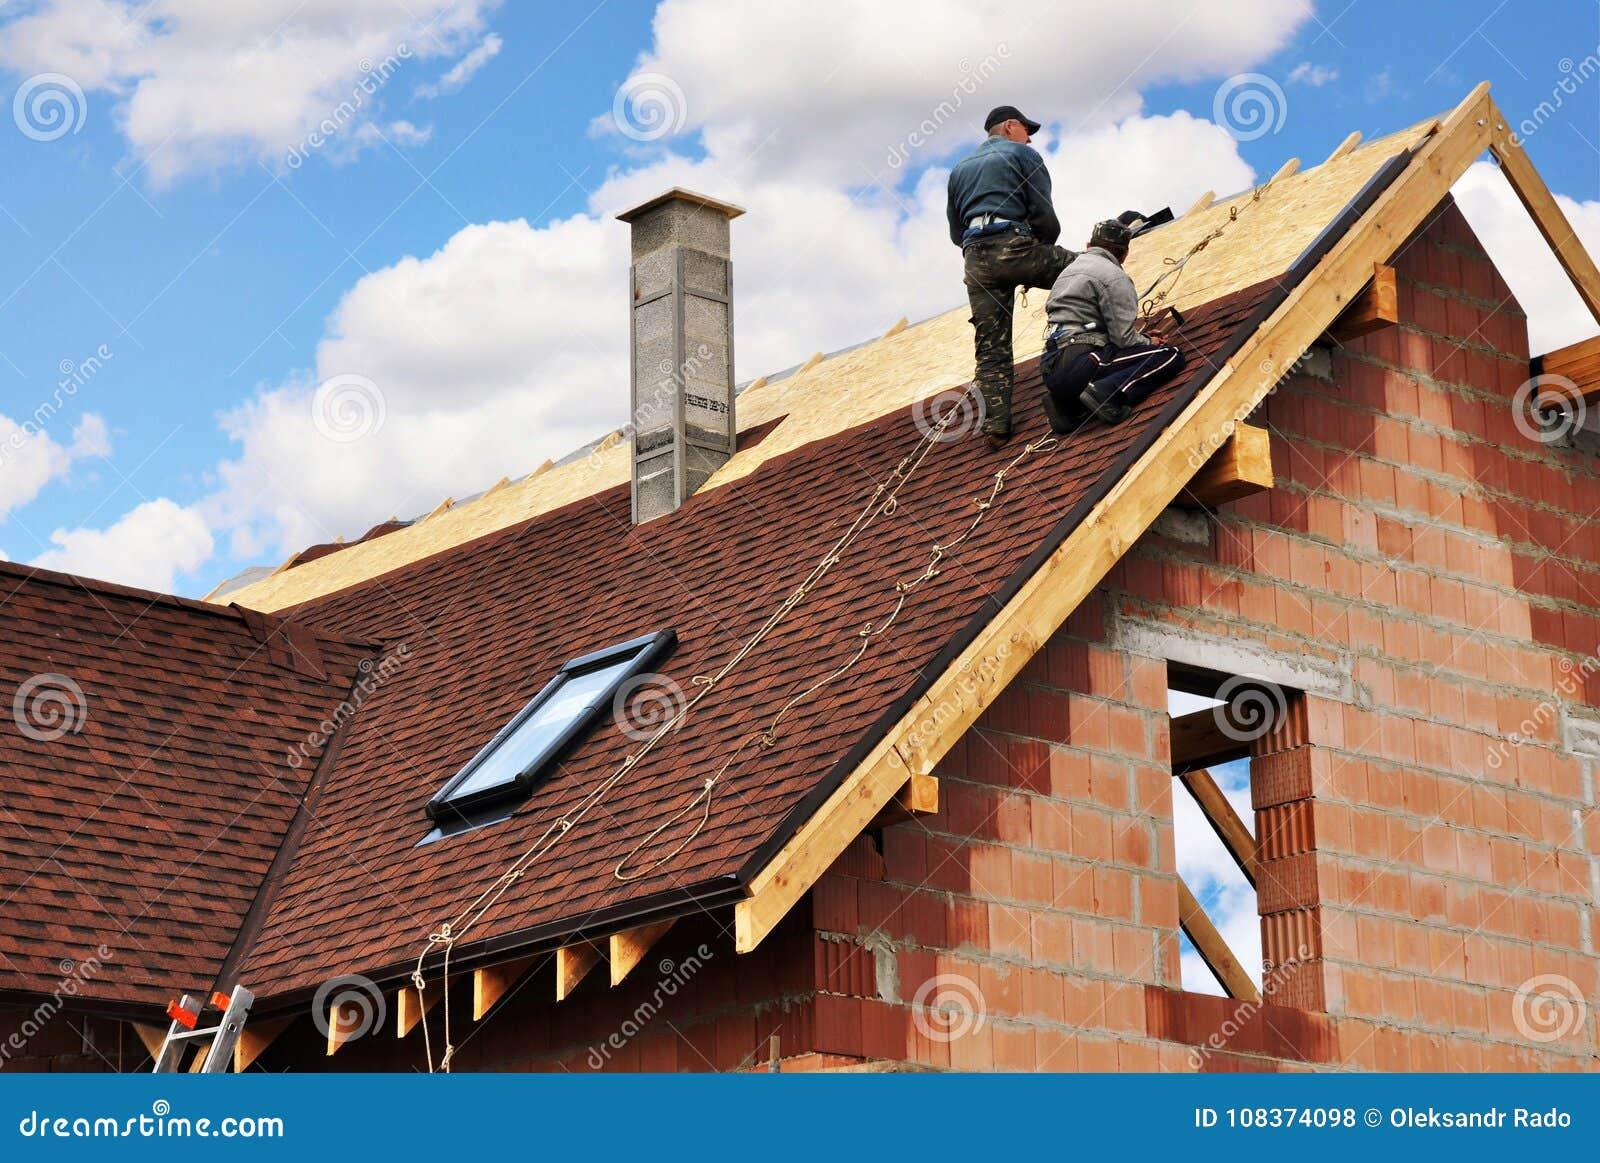 Los Roofers ponen e instalan tablas del asfalto Reparación del tejado con dos roofers Construcción de la techumbre con las tejas